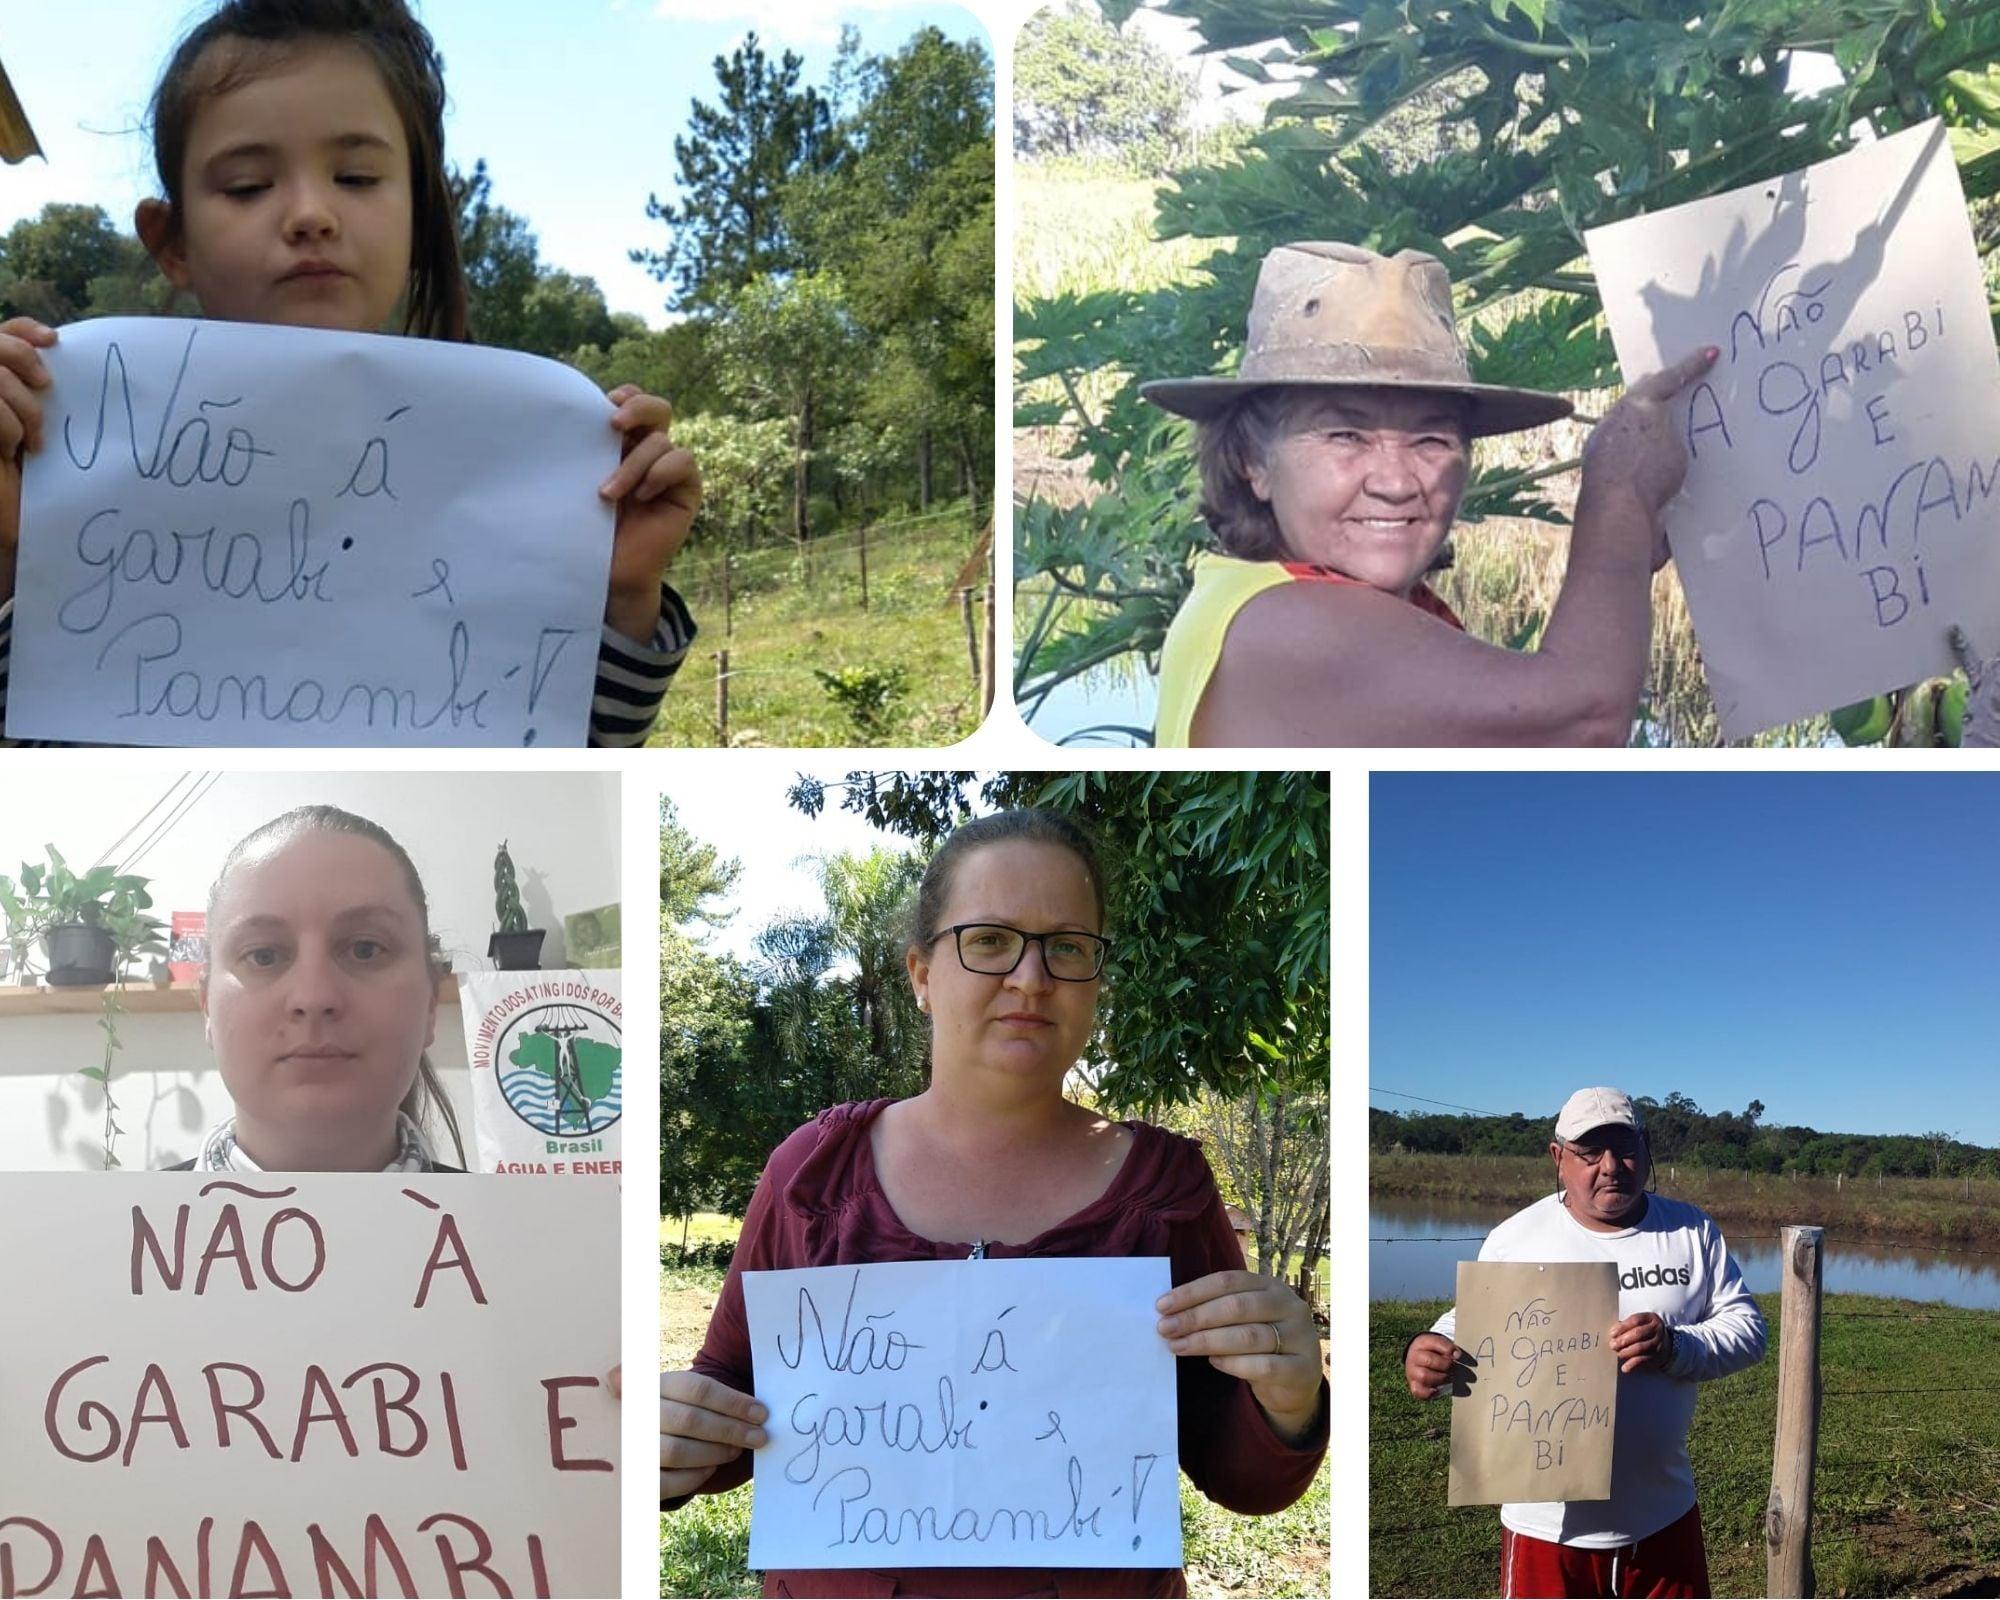 Brasil: Justicia mantiene suspensión de obras en Garabí-Panambí